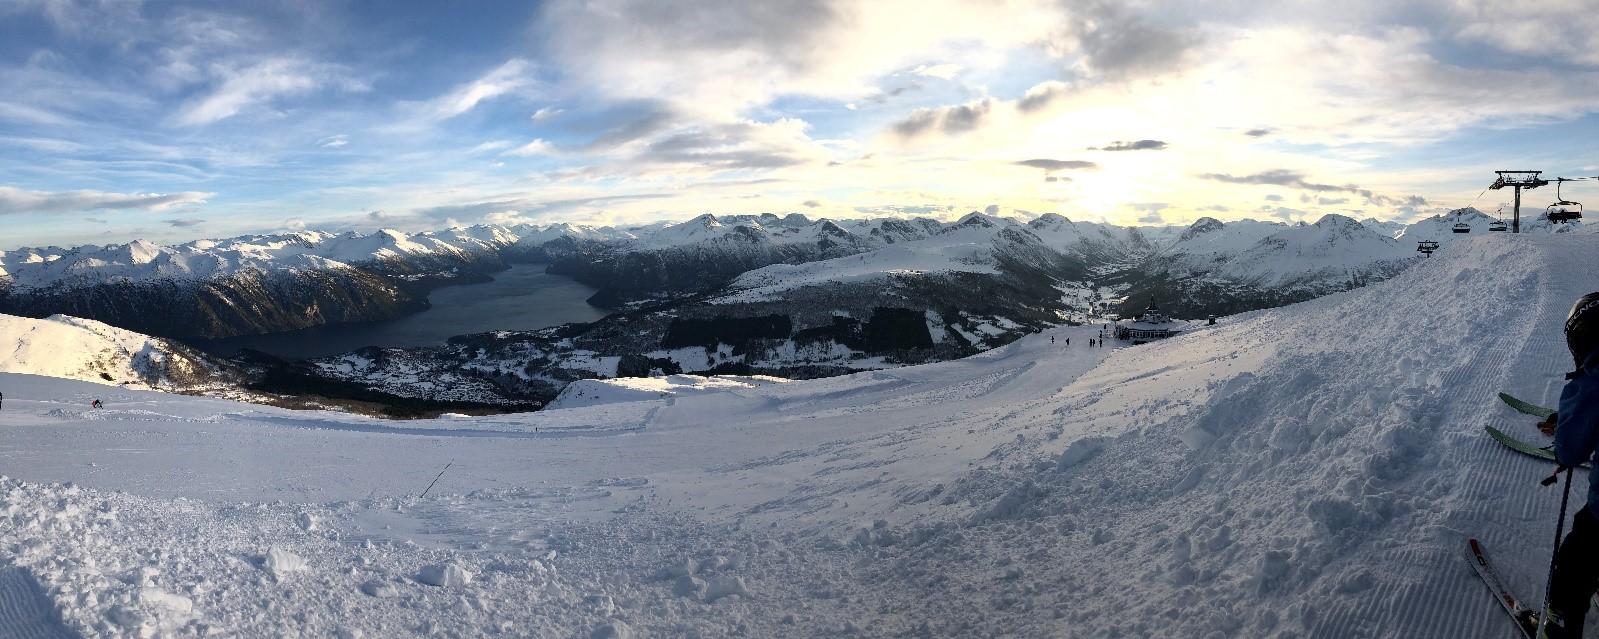 Utsikt over Stranda skianlegg